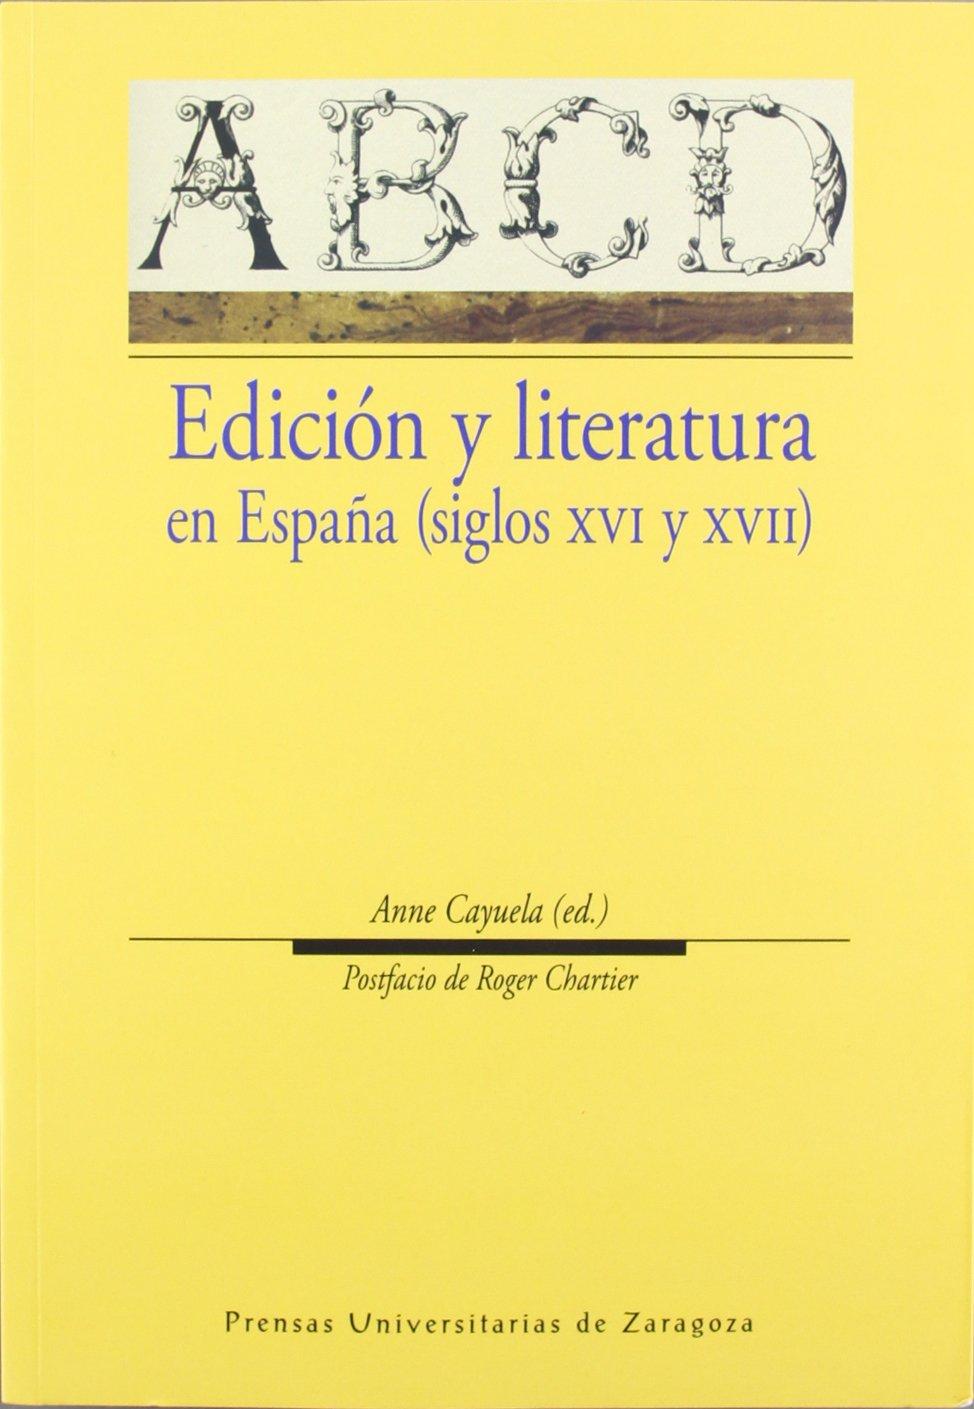 Edición y literatura en España siglos XVI y XVII Humanidades: Amazon.es: Cayuela, Anne, Chartier, Roger: Libros